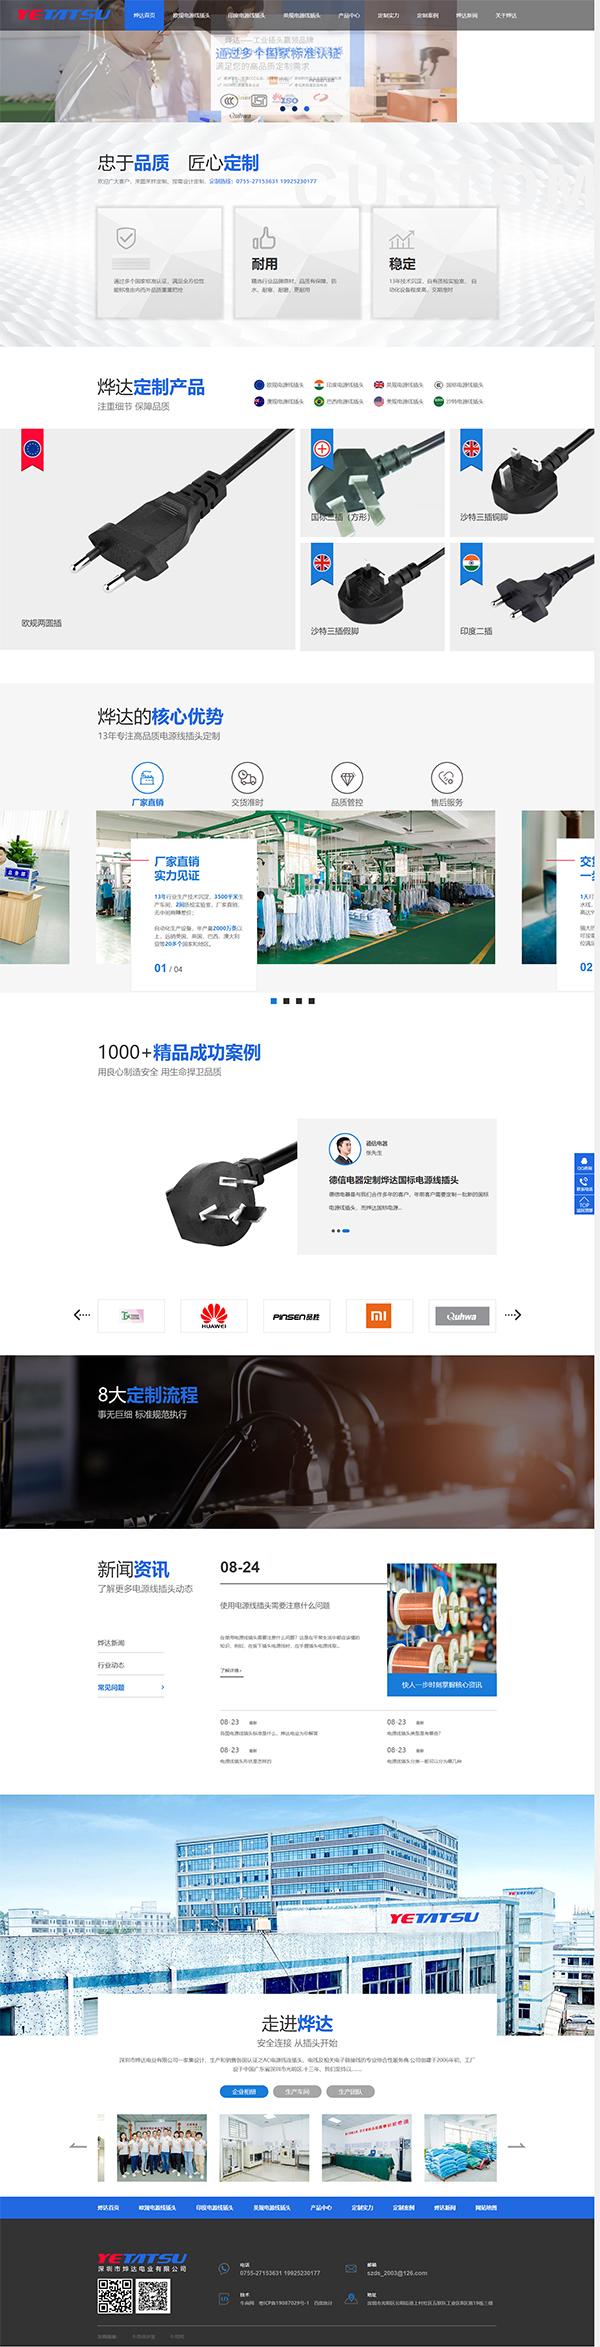 深圳市烨达电业营销型网站案例欣赏